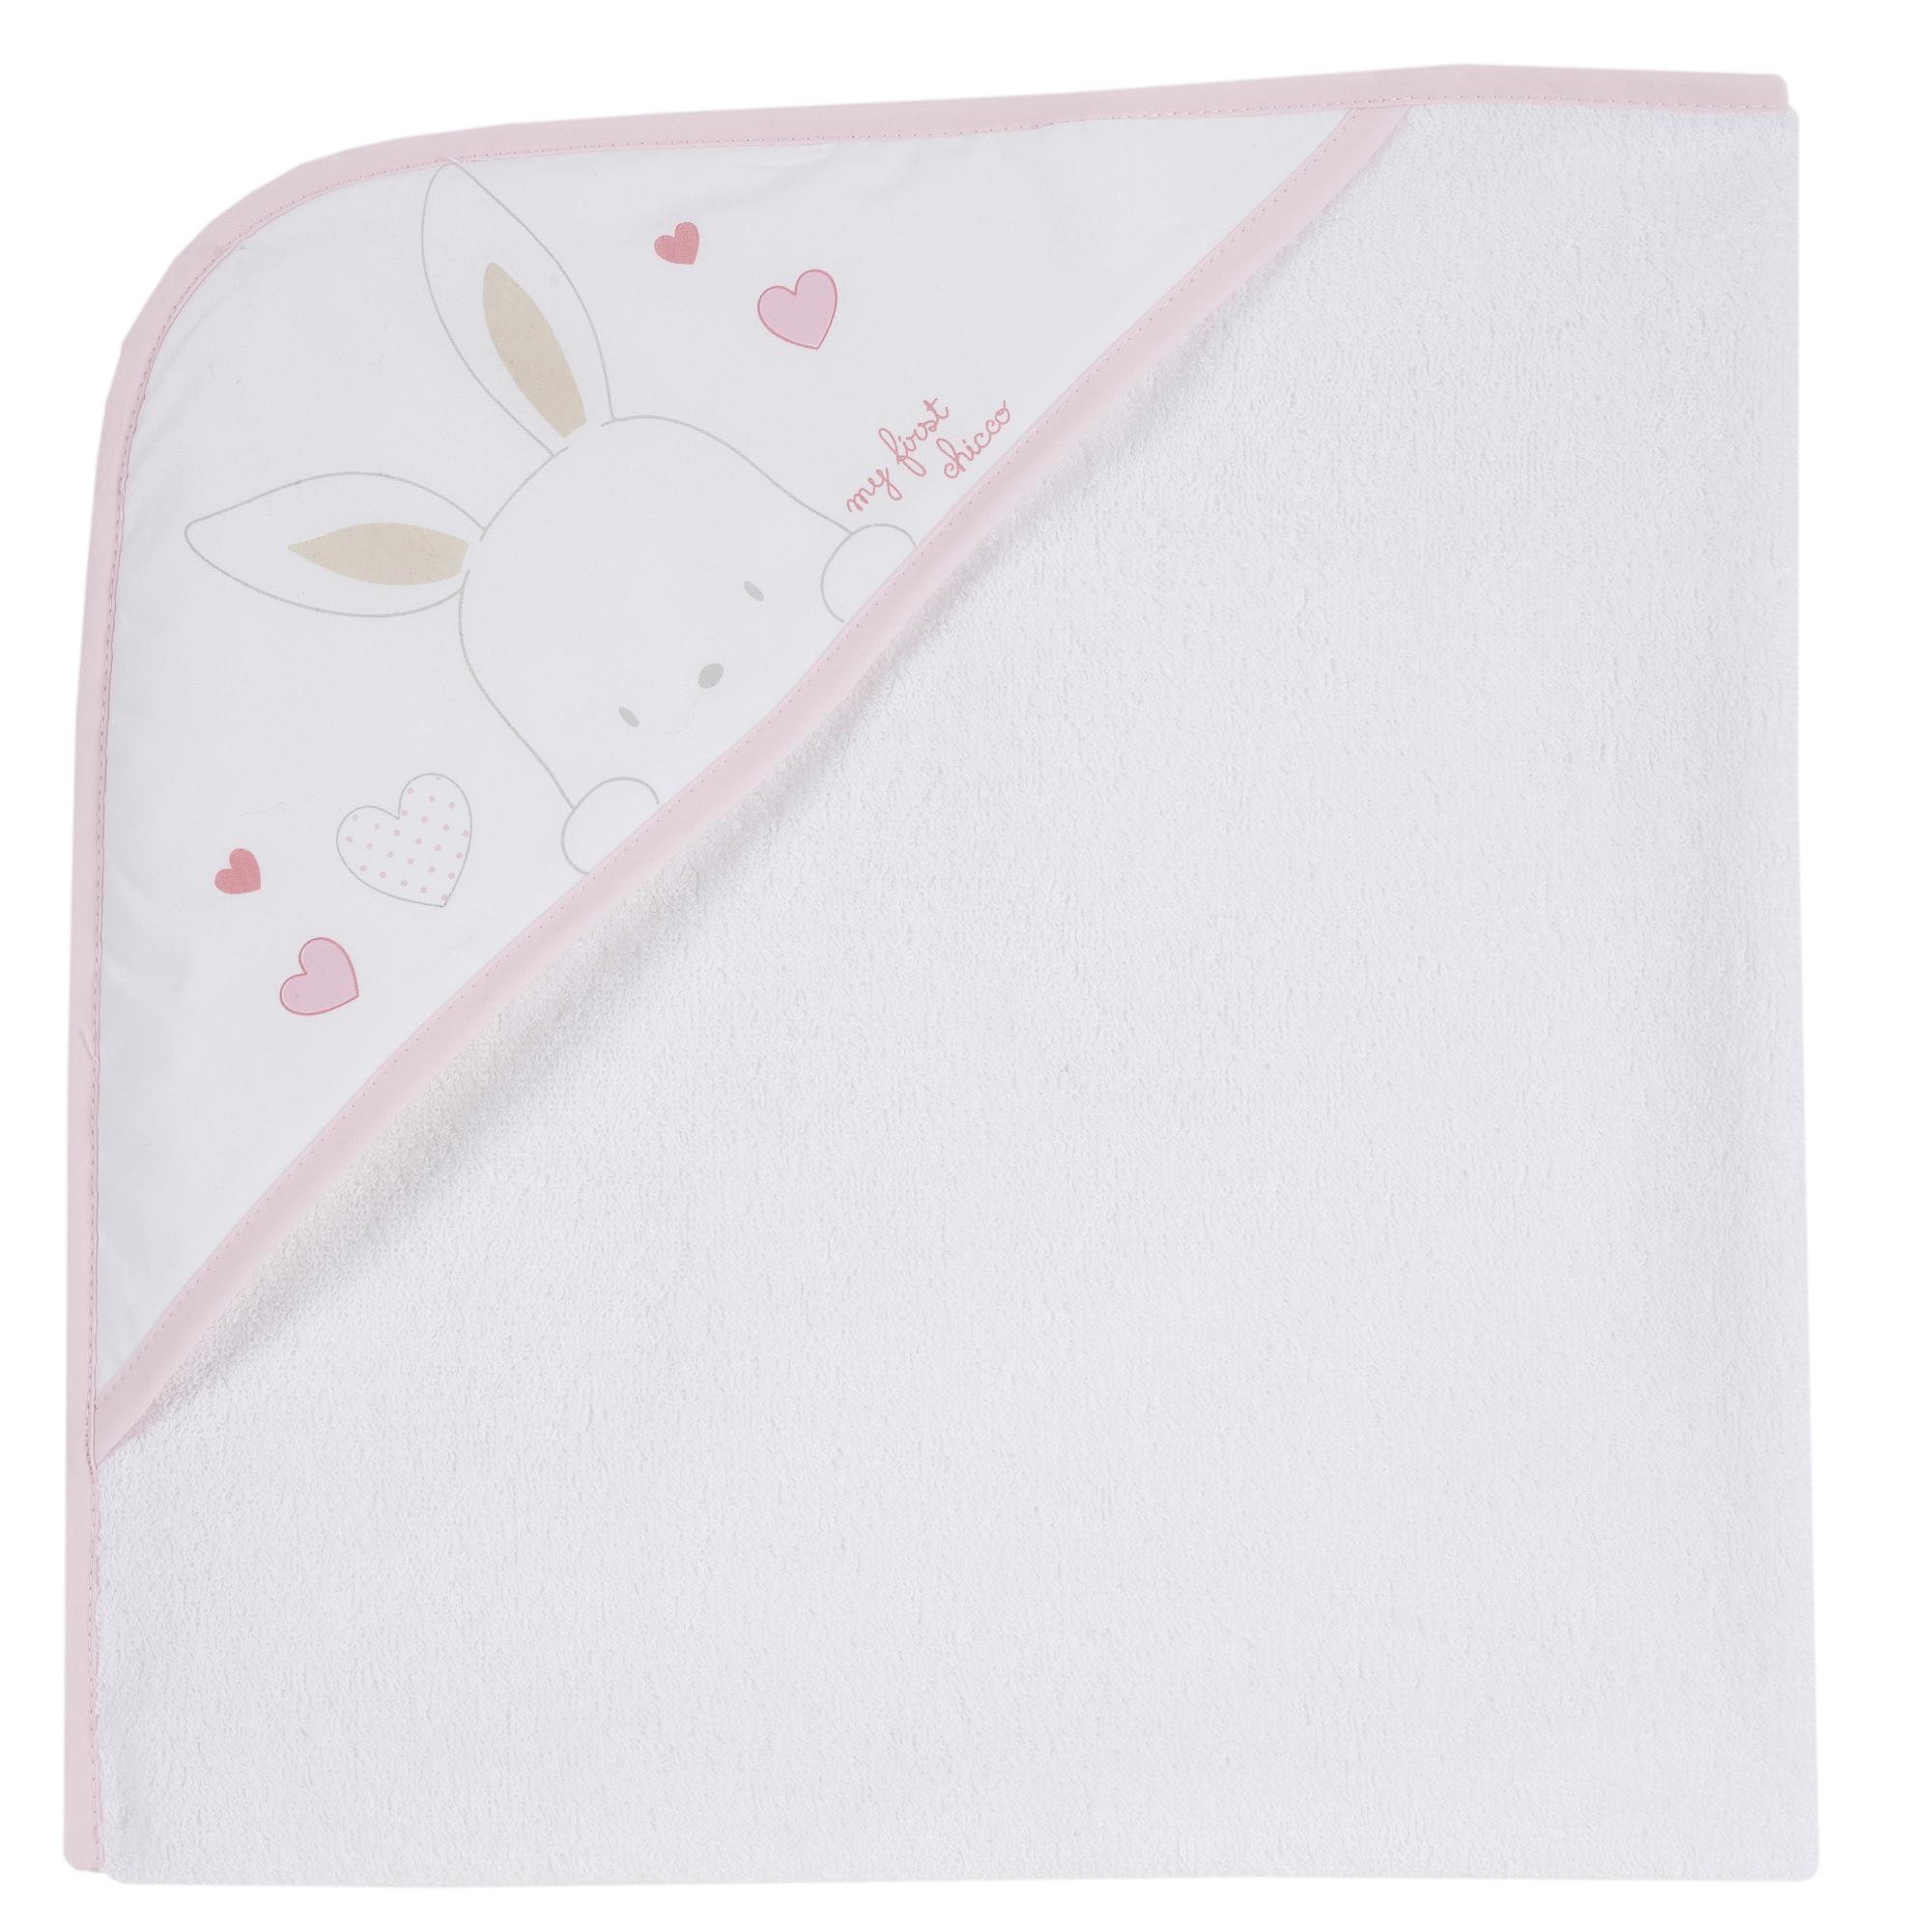 Prosop baie bebelusi Chicco alb cu roz 99